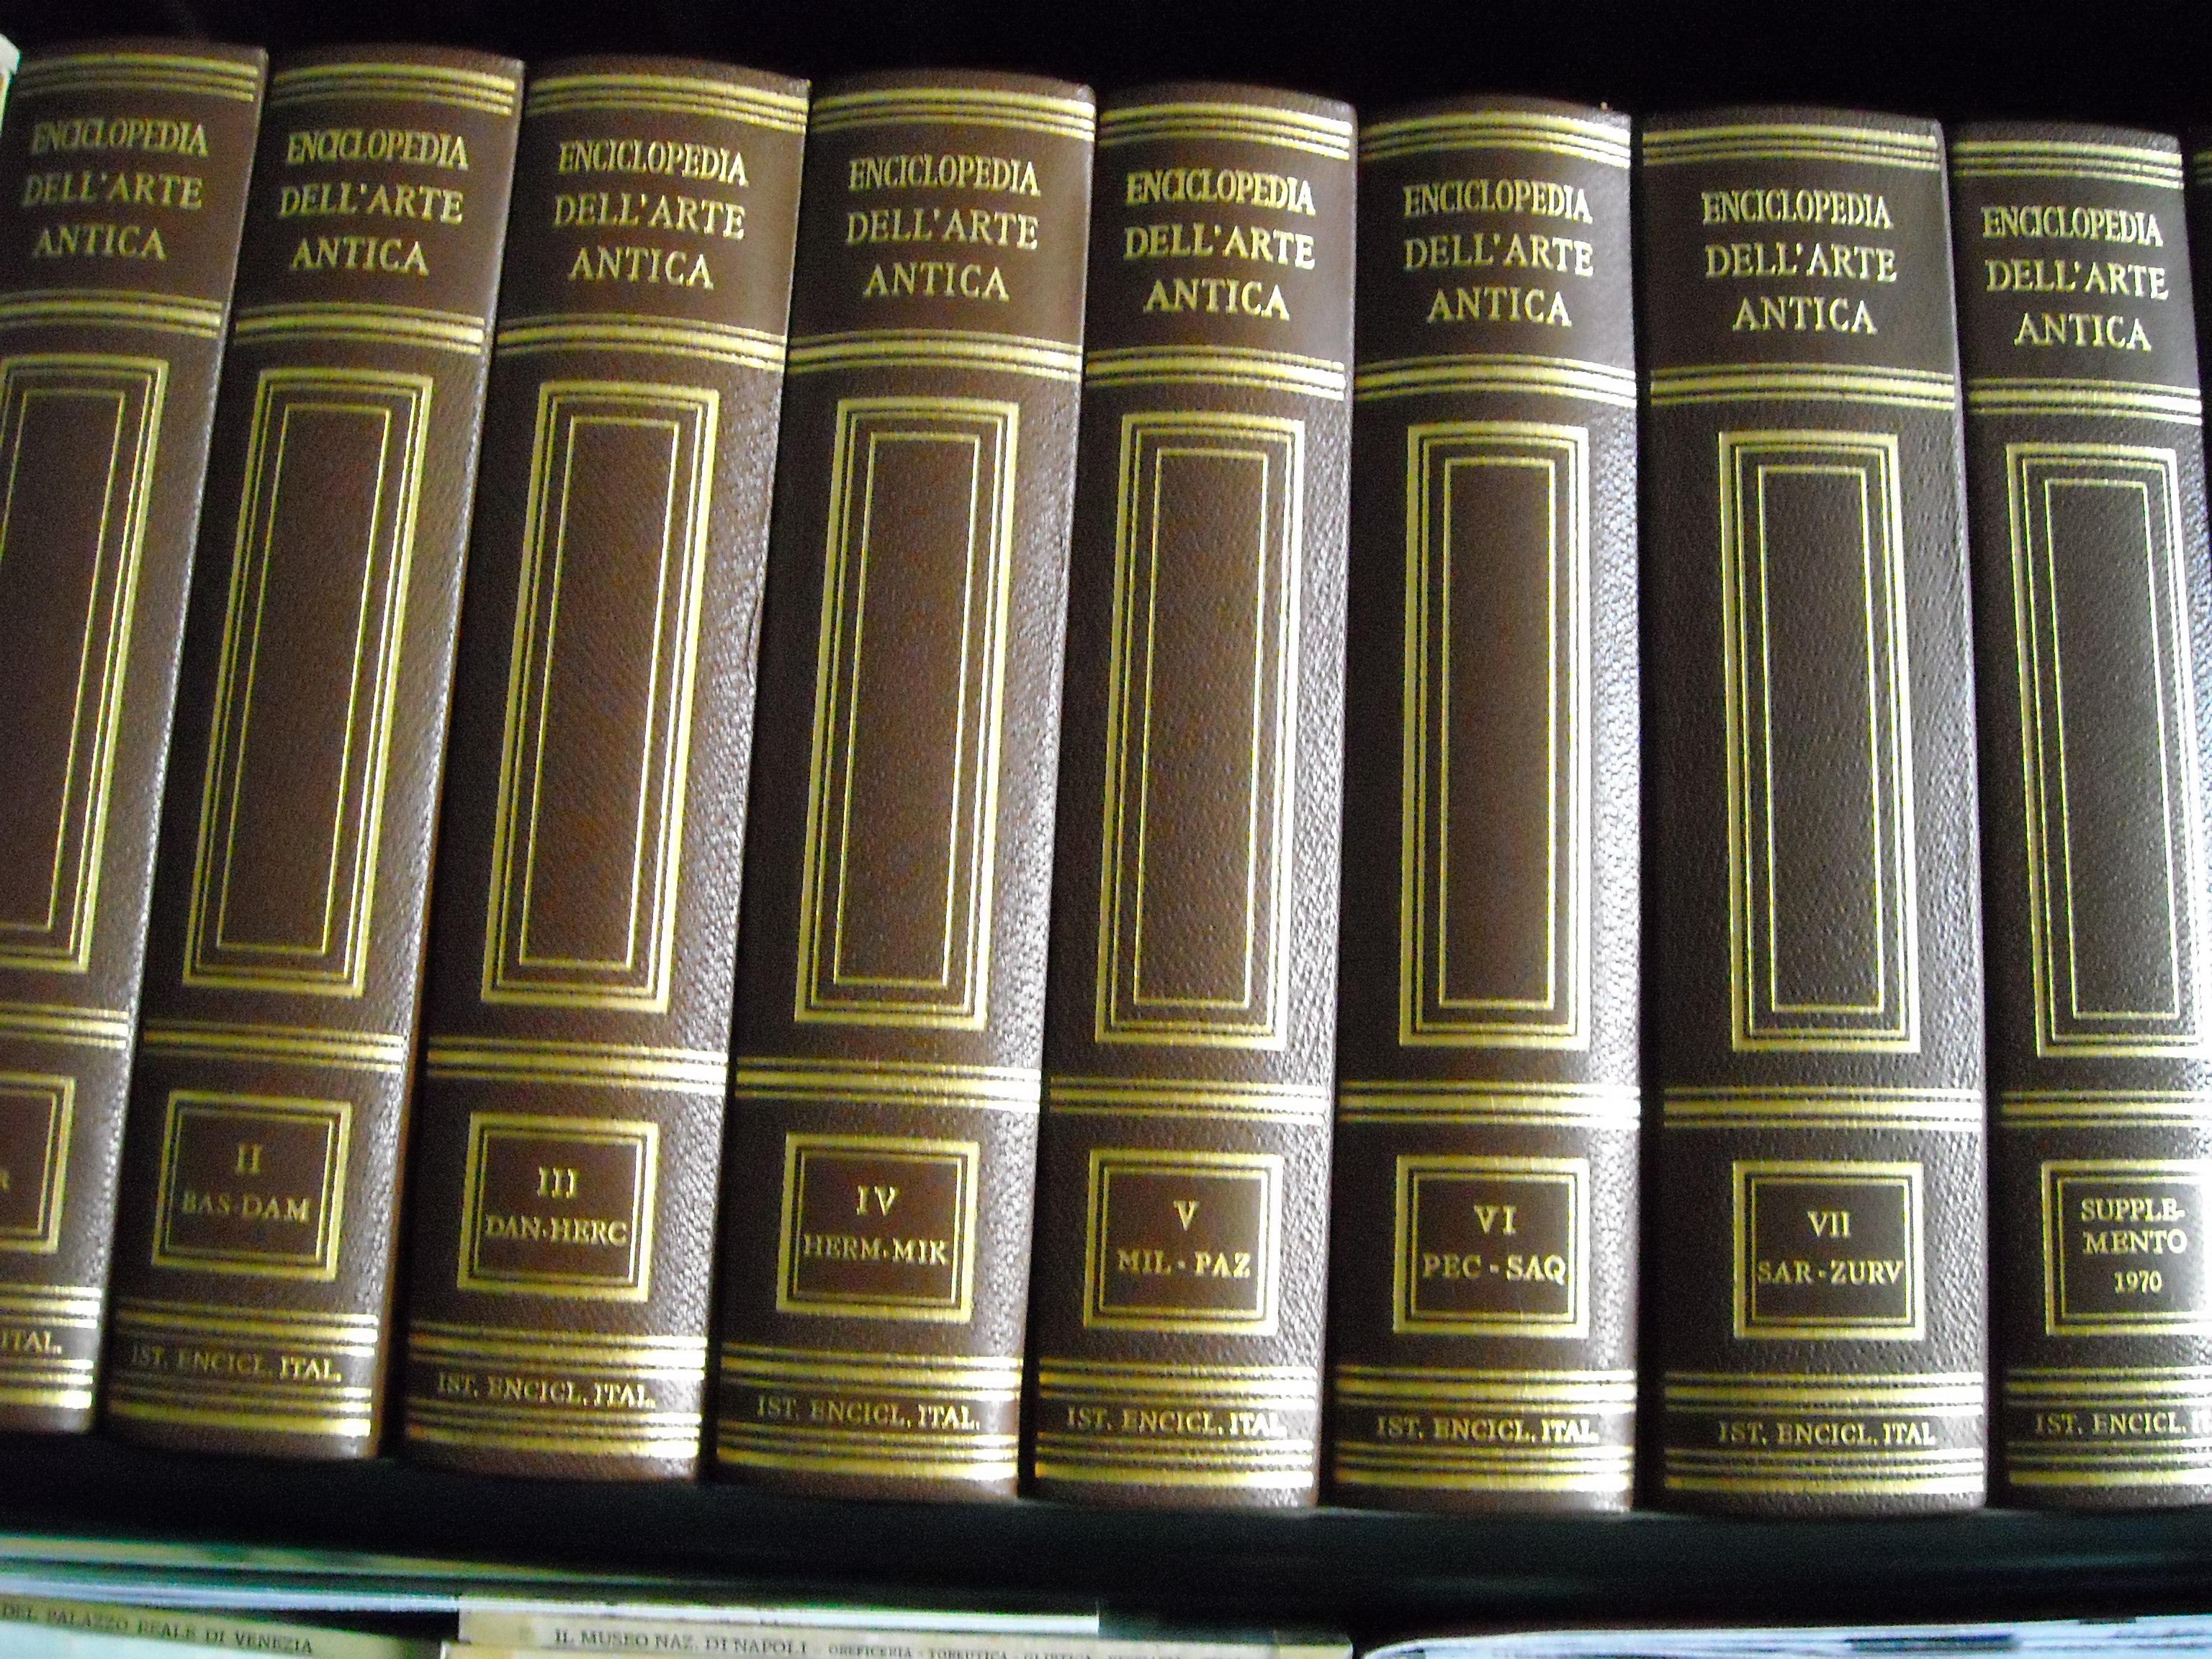 Enciclopedia dell'Arte Antica Vol. IV